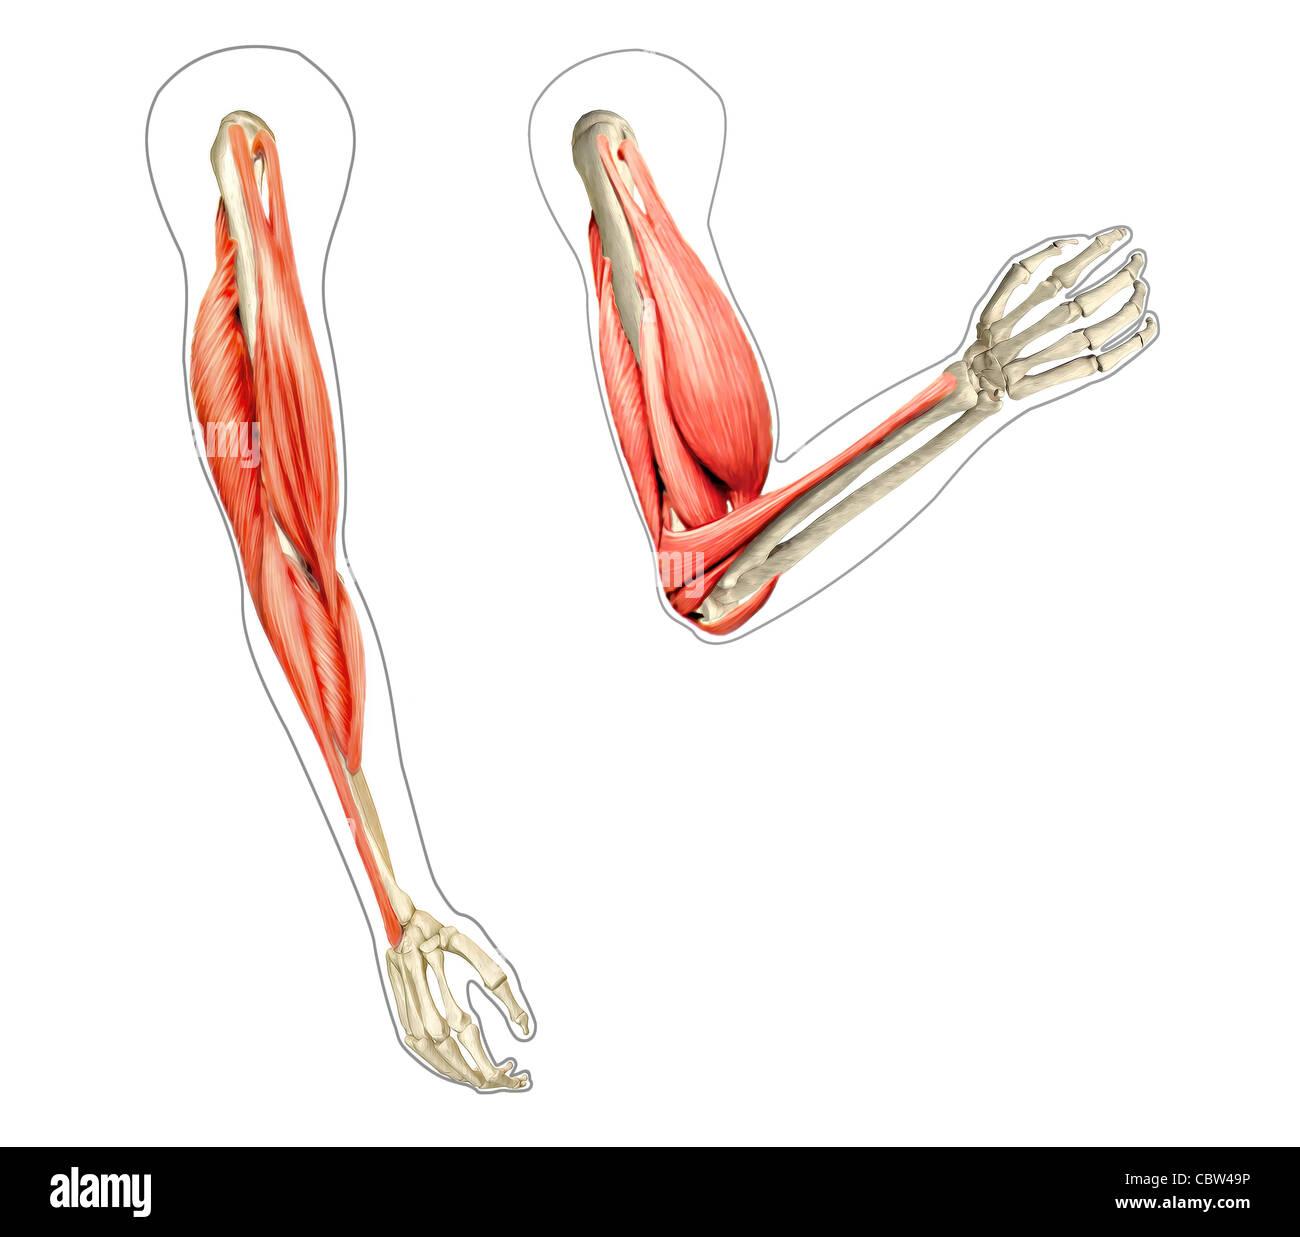 Menschlichen Arme Anatomie Diagramm, Knochen und Muskeln beim beugen ...